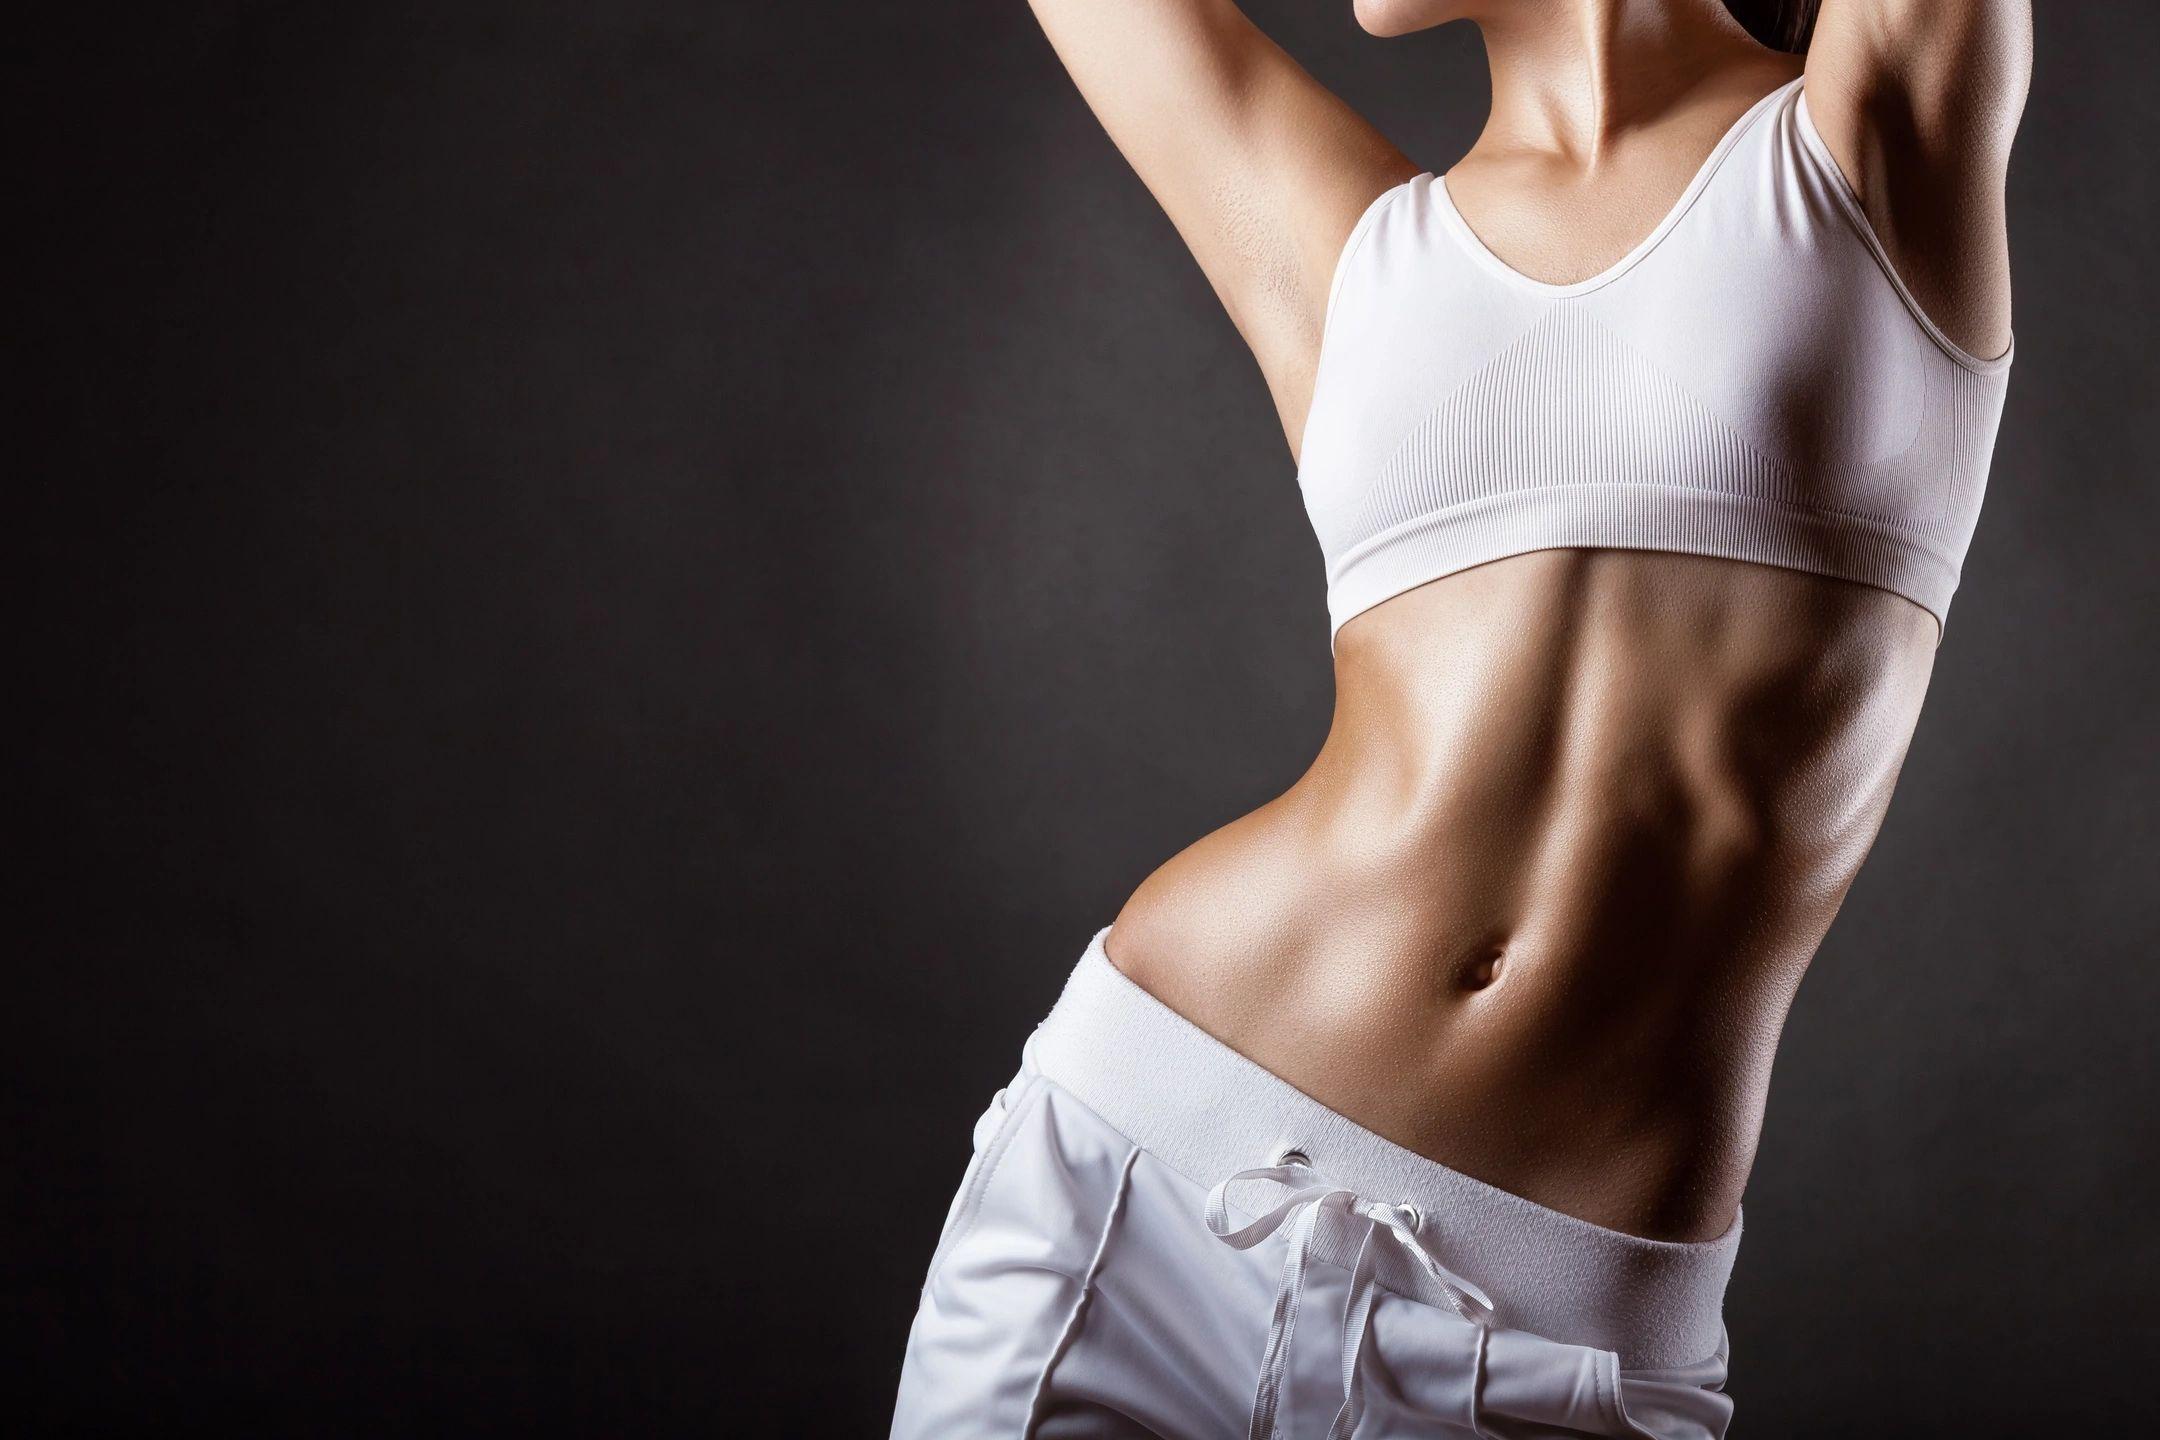 Мотивация Для Похудения Идеальная Фигура. Мотиватор для похудения и стройной фигуры